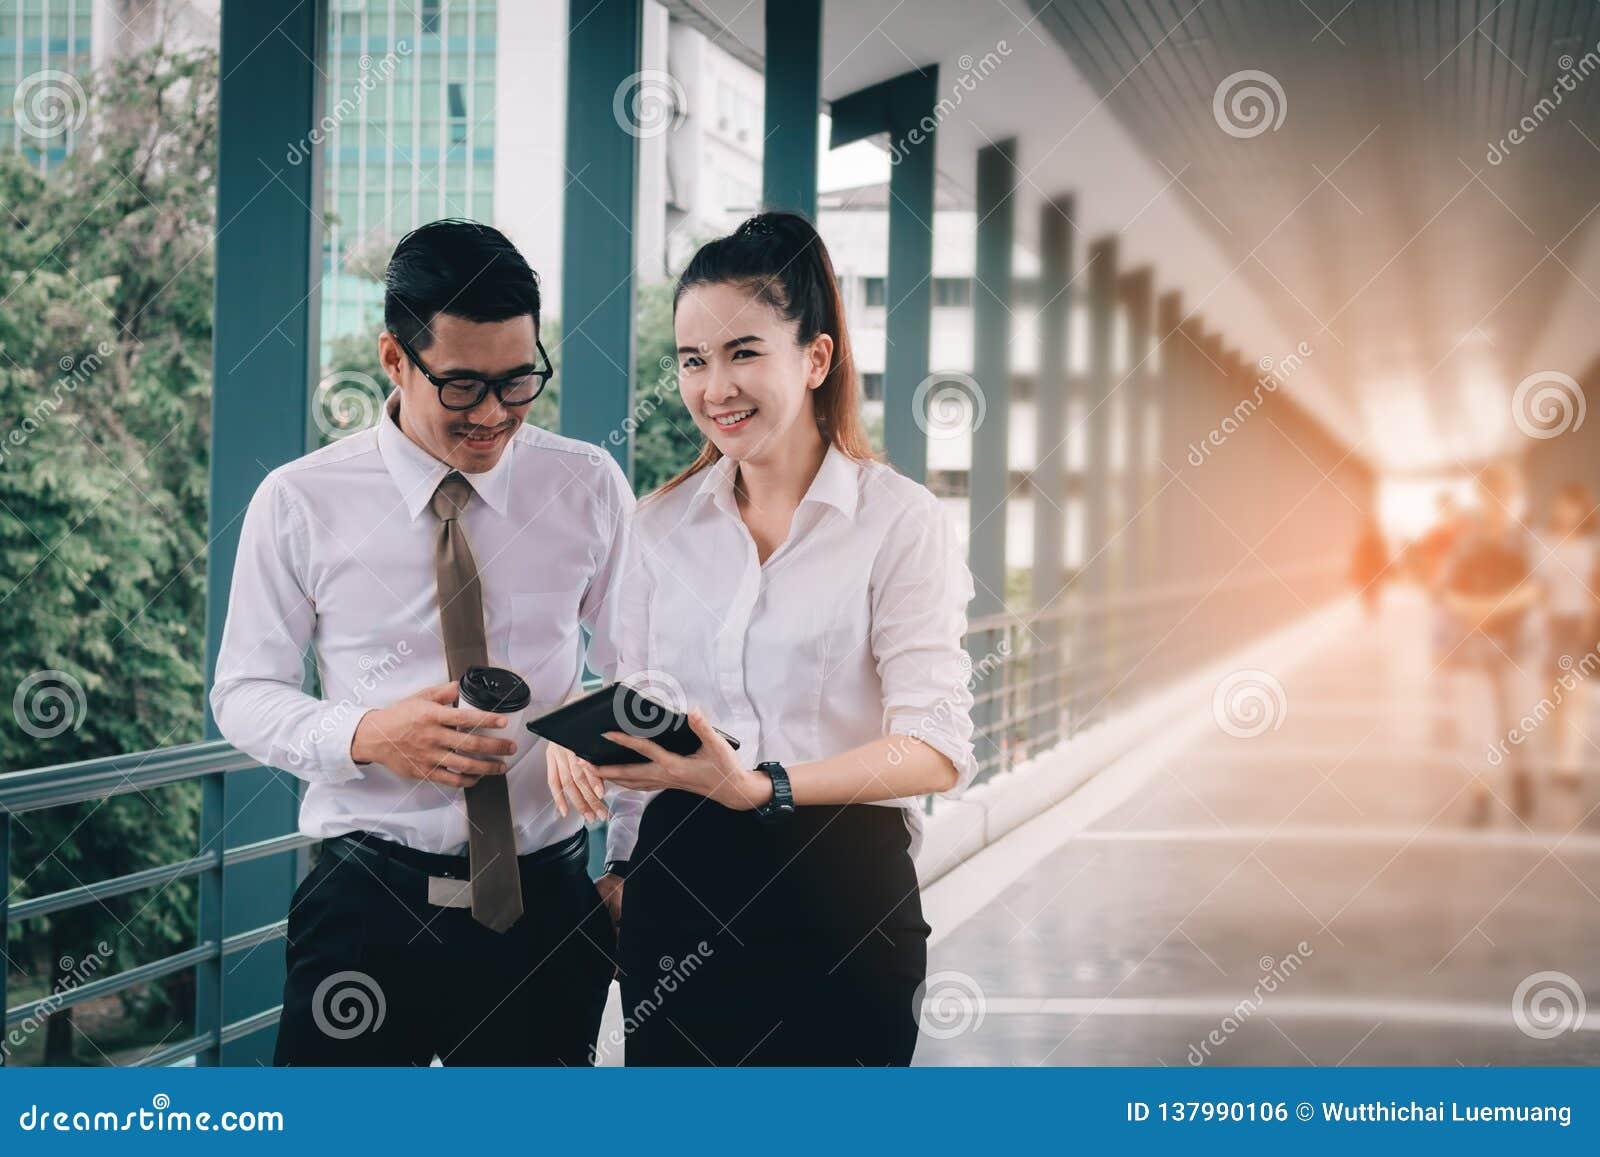 Бизнесмены работая на цифровом отчете о диаграммы планшета и анализа совместно на дорожке в здании компании